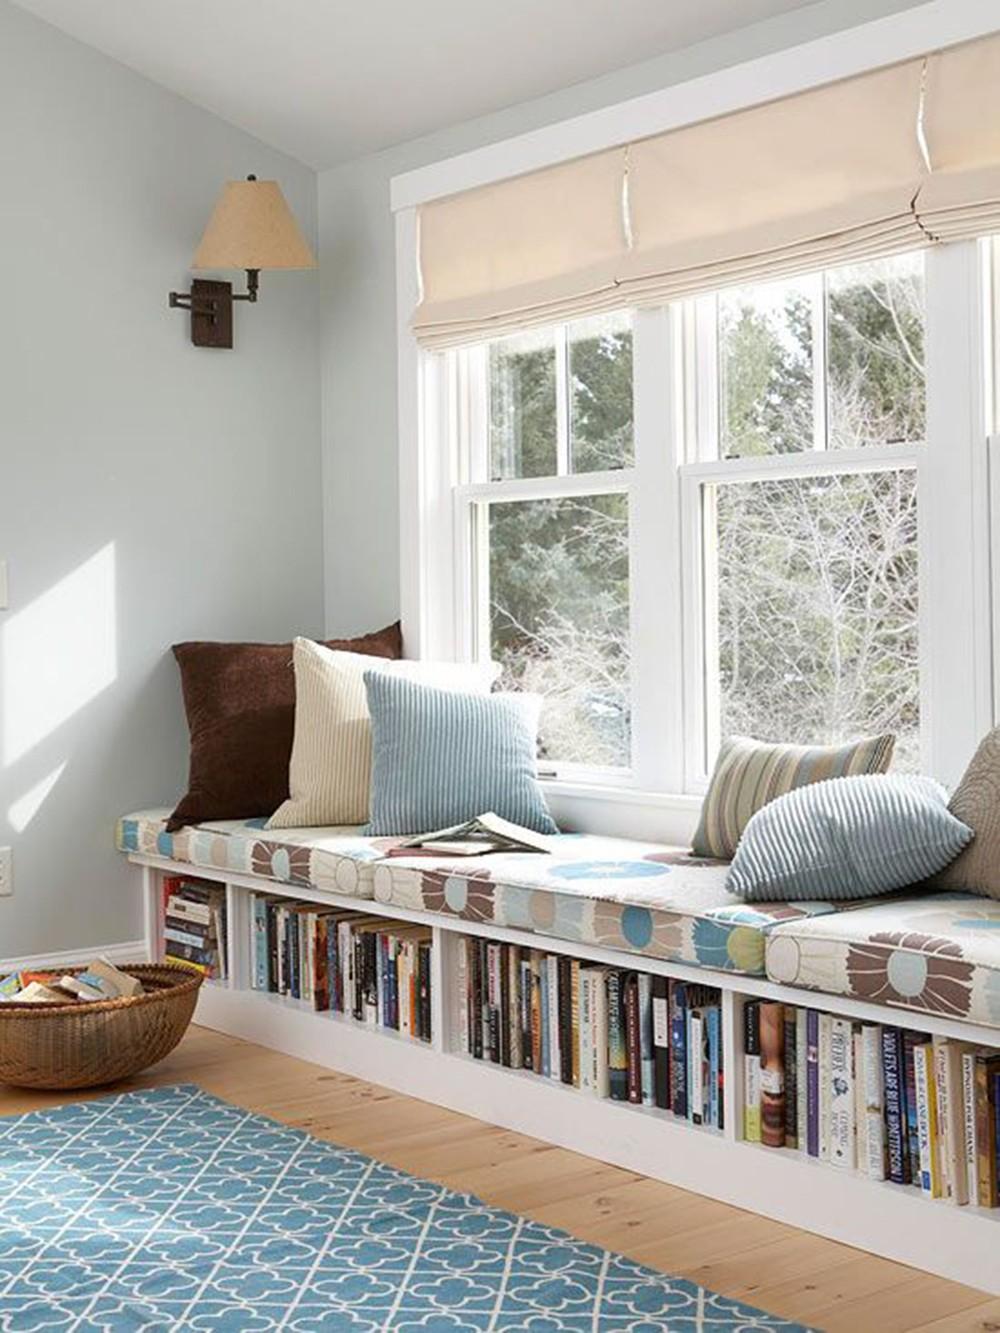 खिड़की के खाली एरिया का इस्तेमाल भी आप शानदार रिडिंग कार्नर बनाने के लिए इस्तेमाल कर सकते हैं।